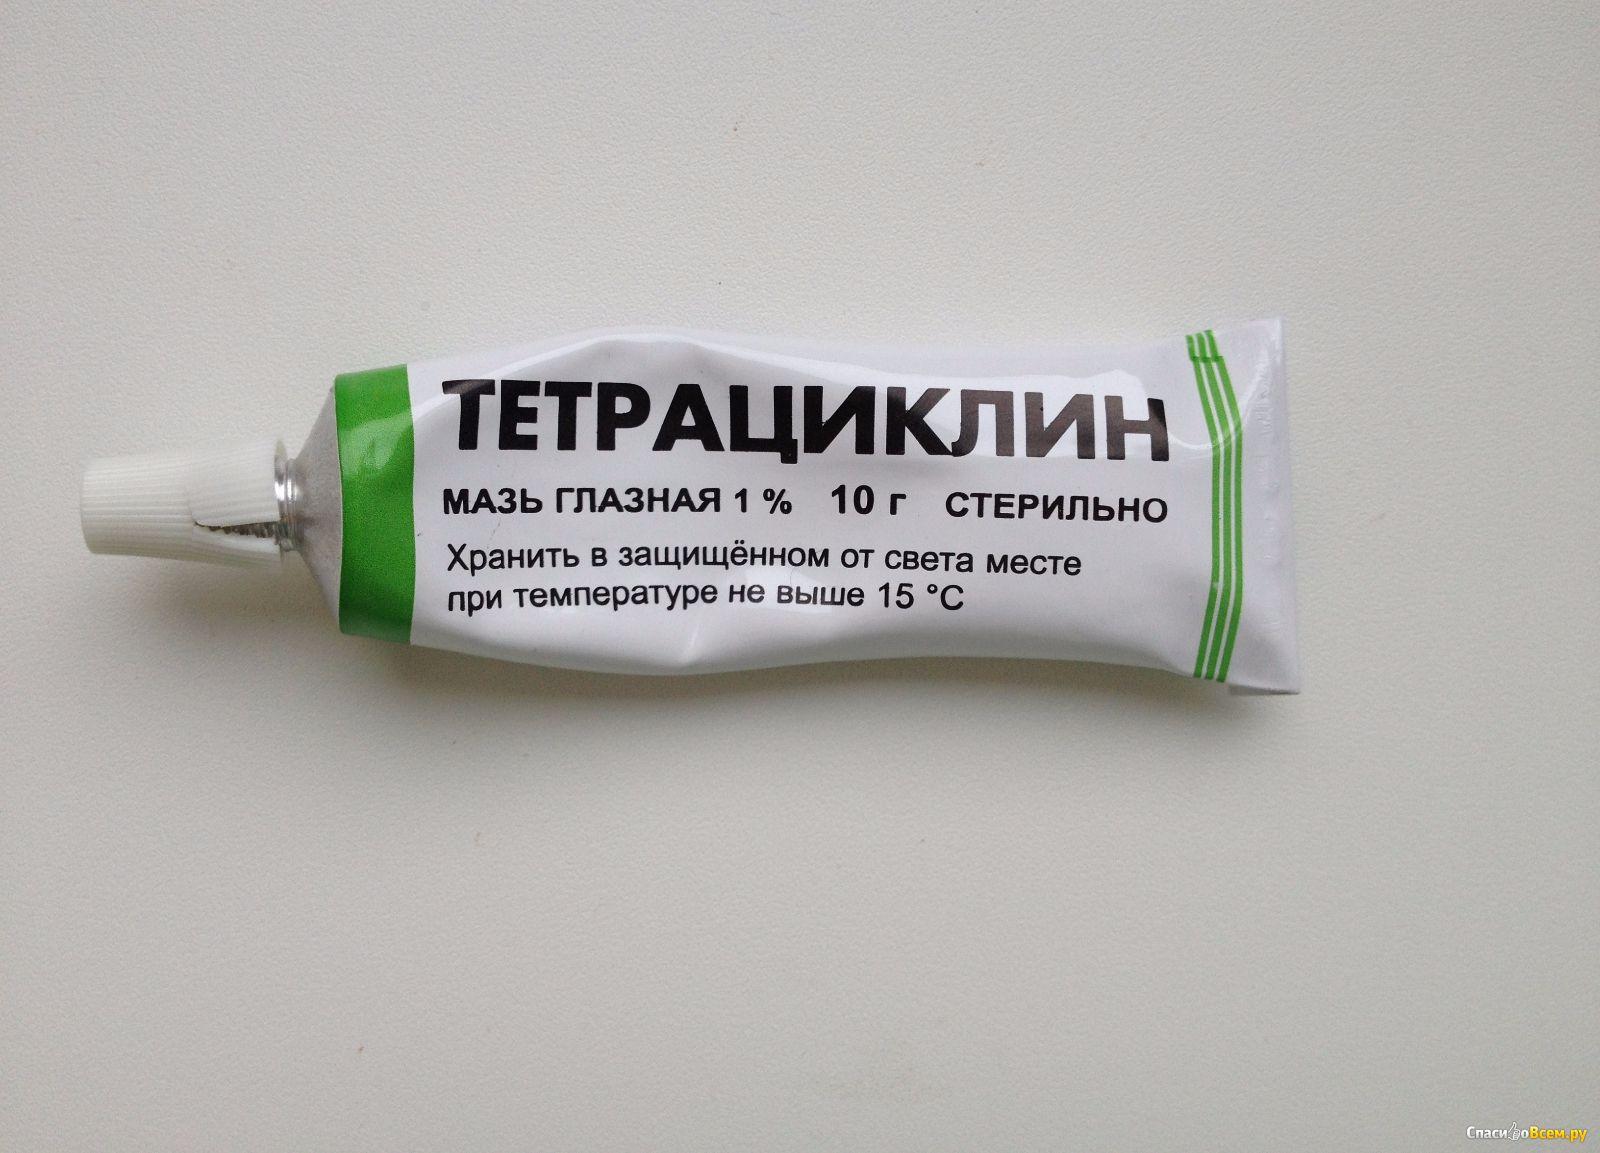 мазь тетрациклиновая глазная инструкция по применению цена